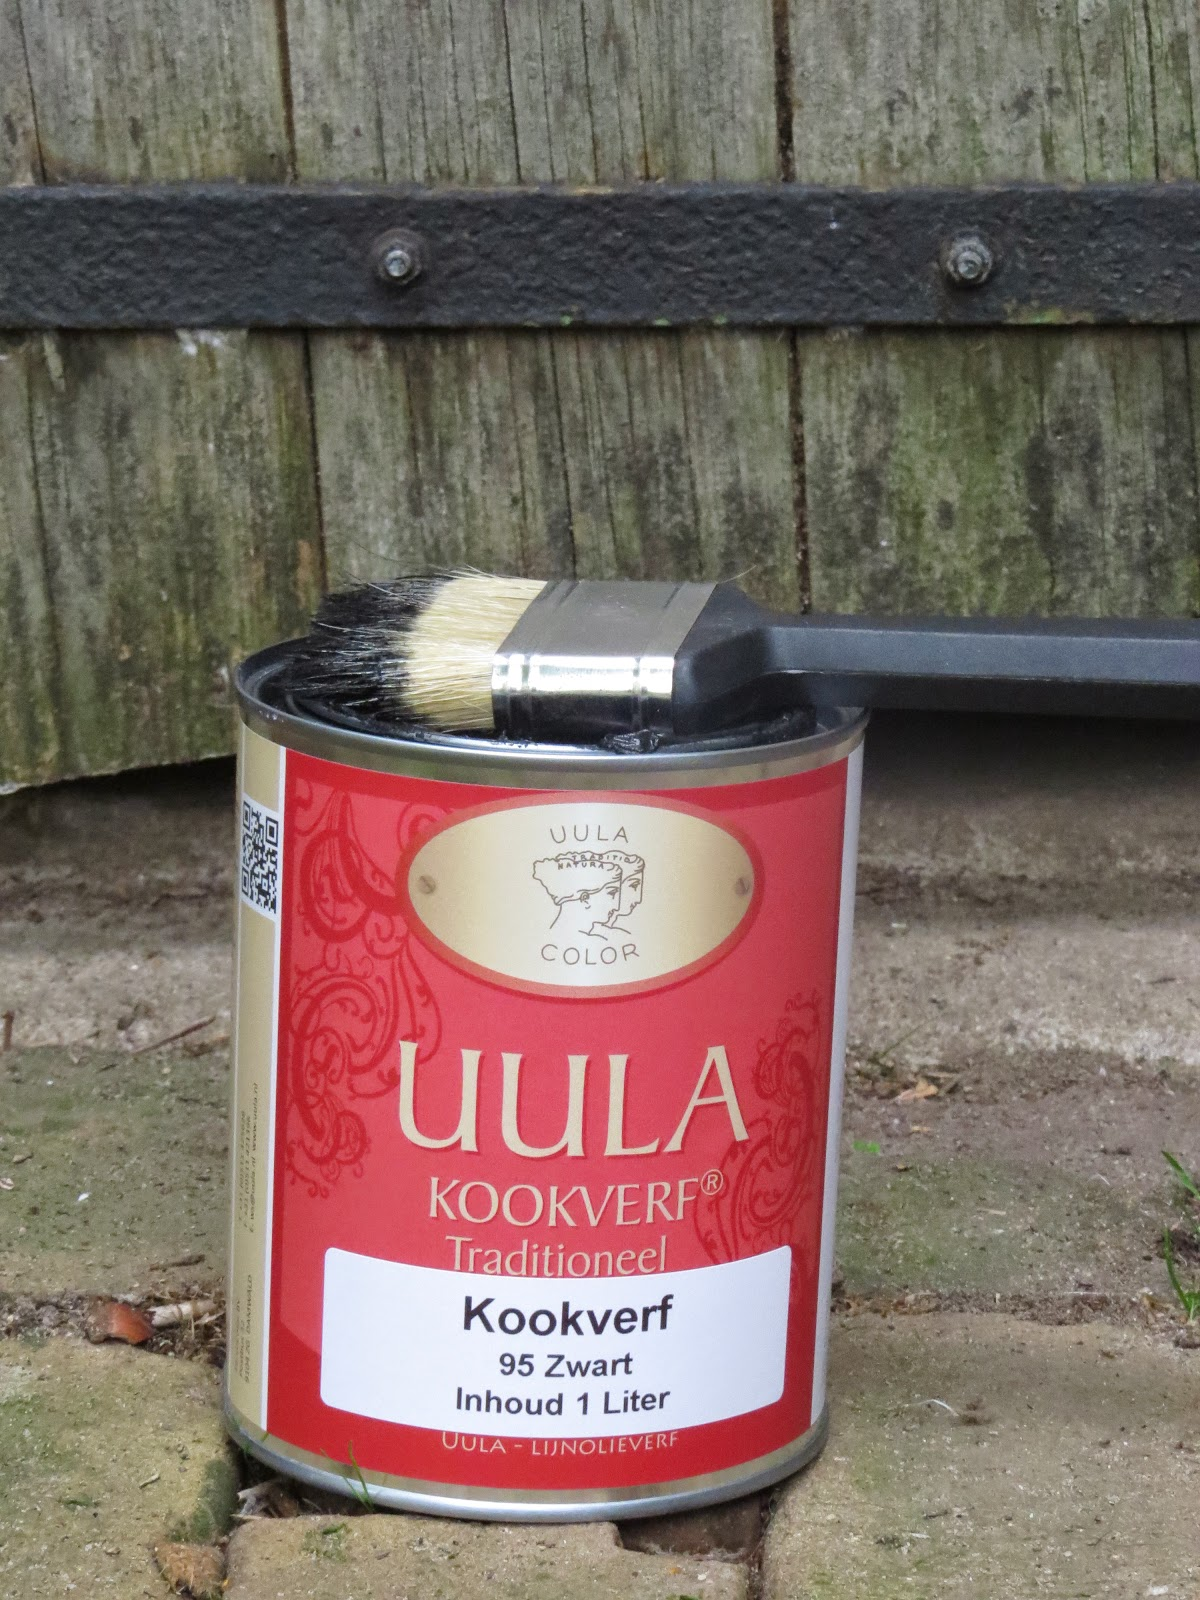 Uula Kookverf